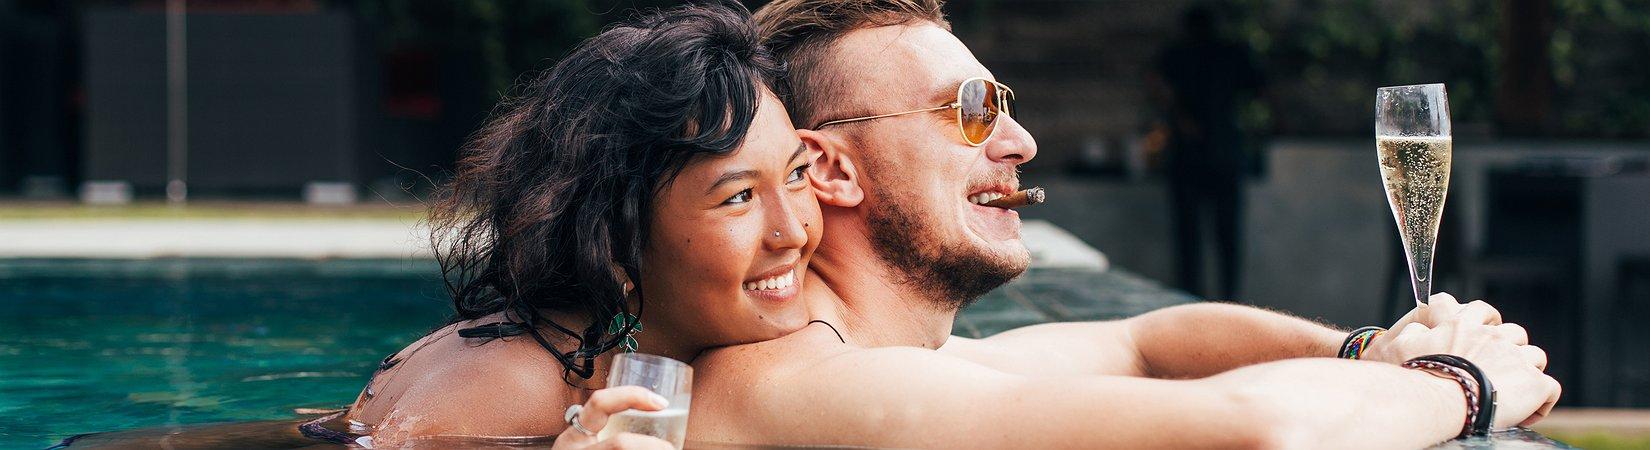 10 malos hábitos que te hacen parecer más viejo